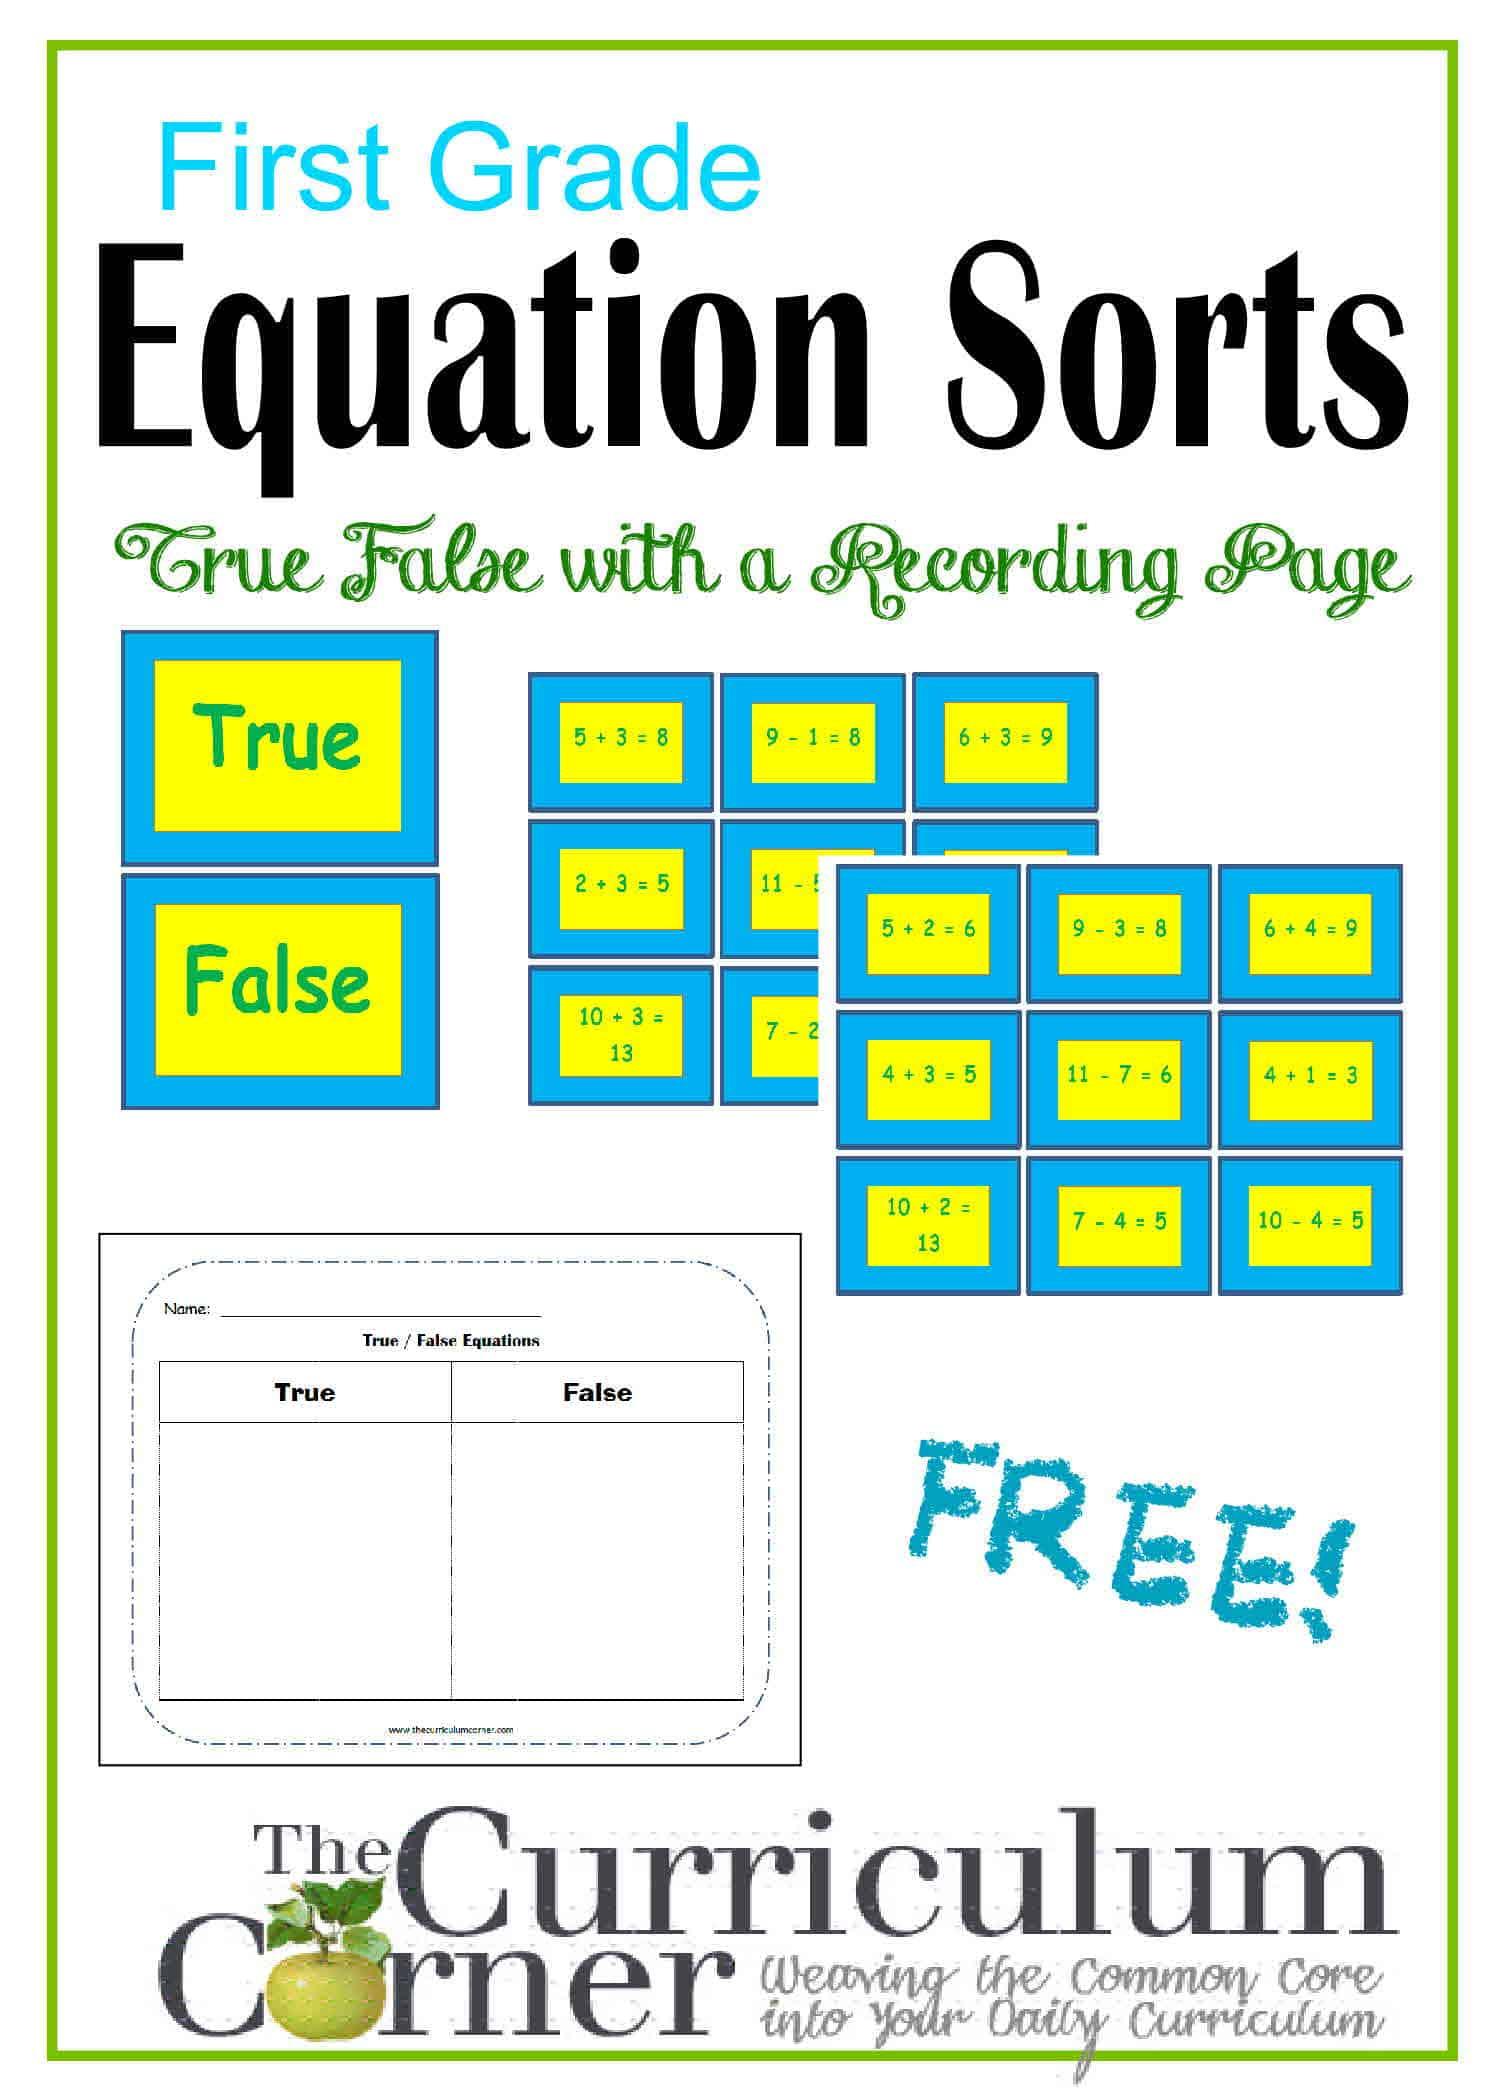 First Grade True/False Equation Sorts